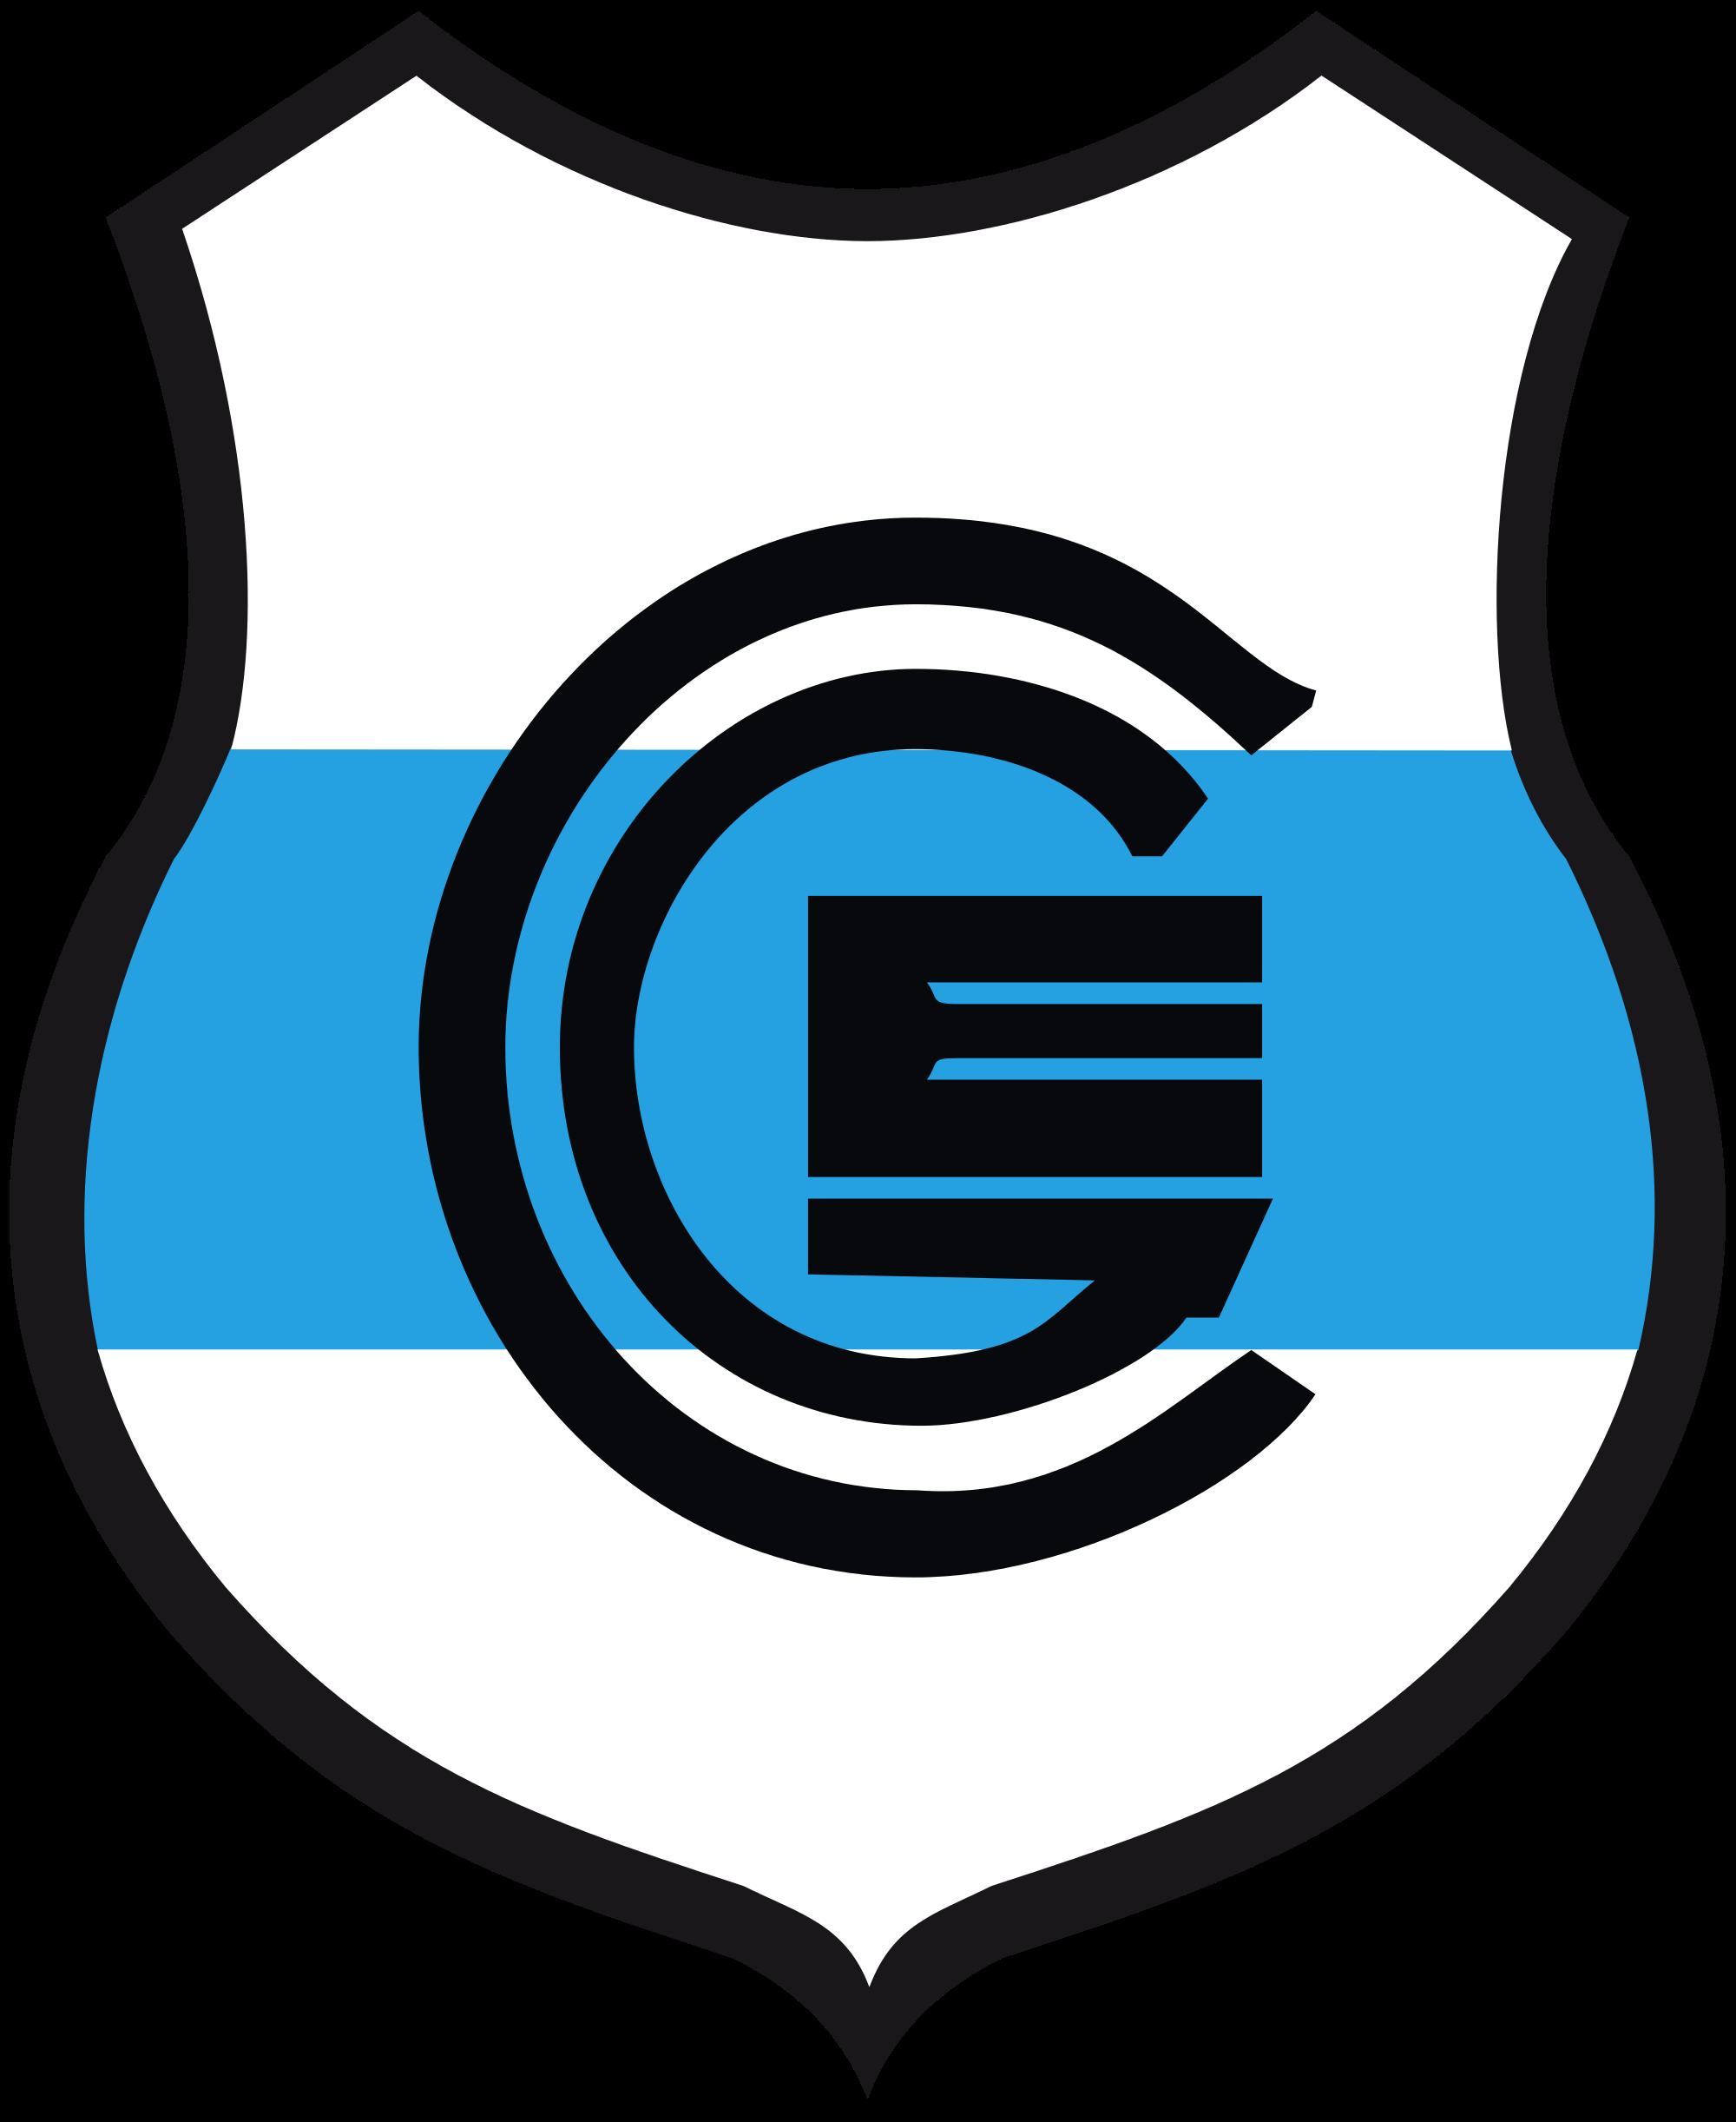 92ca7a9bf6d37795f2da78ce569365e7 - Tigre, San Martín de Tucumán, San Martín de San Juan y Belgrano descendieron a la Primera B Nacional